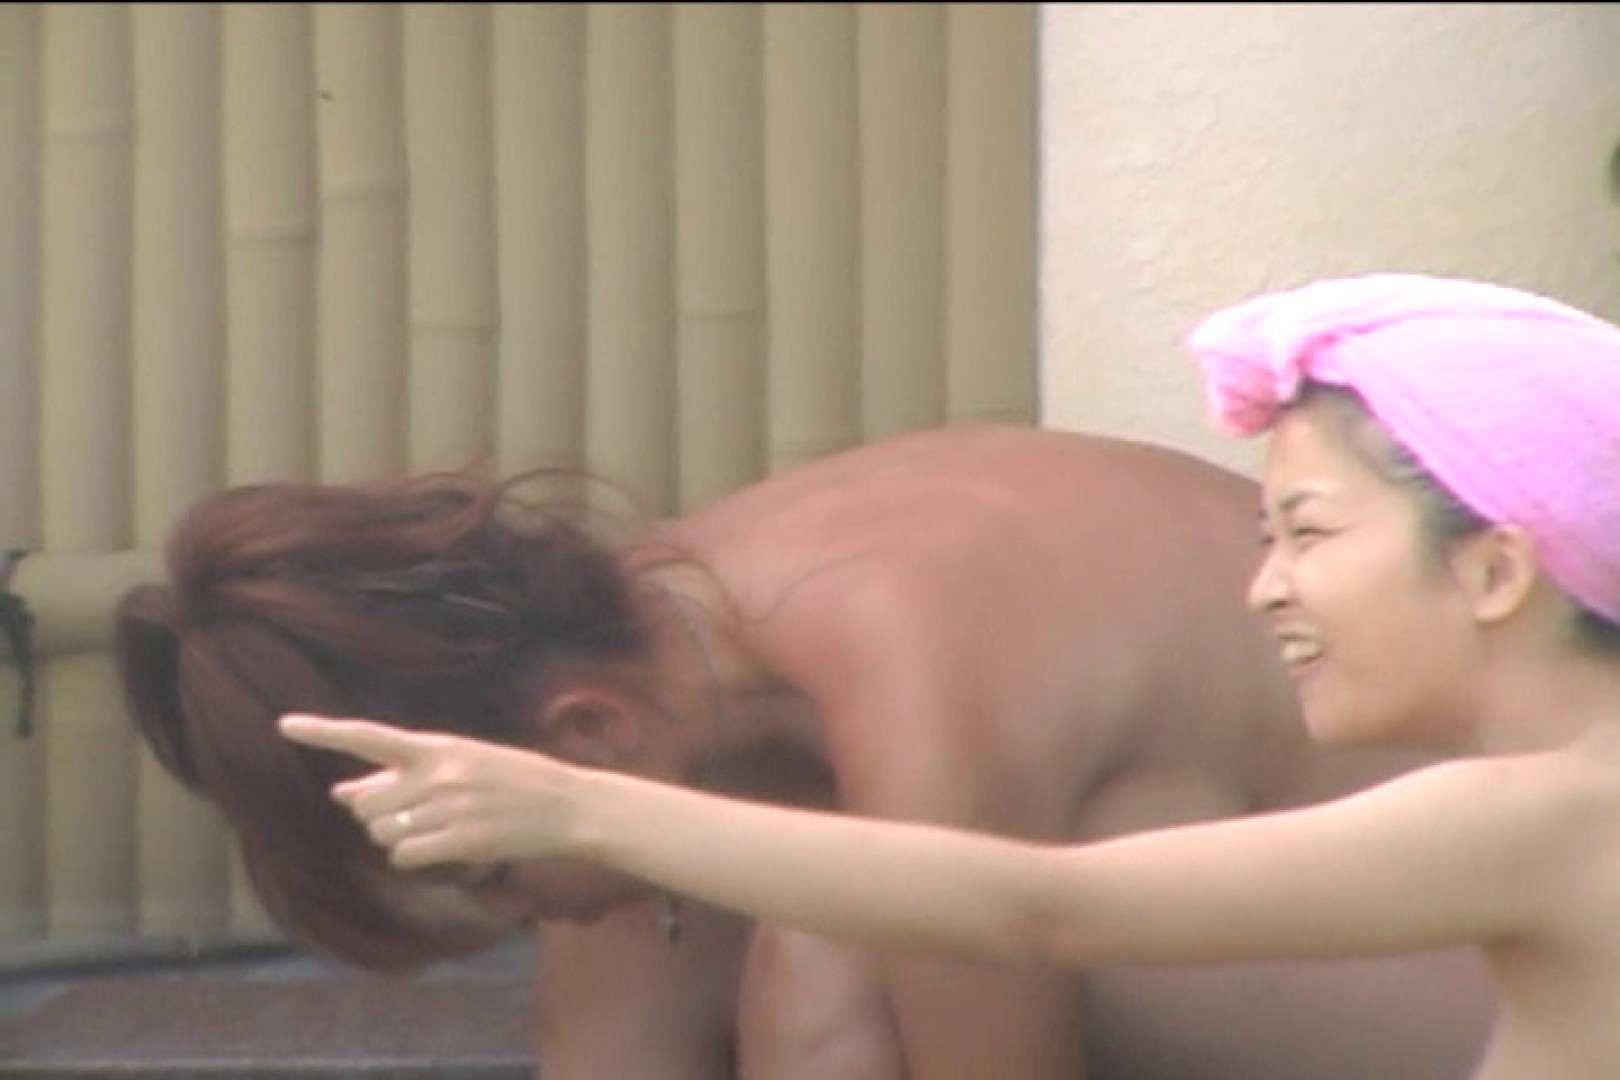 Aquaな露天風呂Vol.535 盗撮 覗きおまんこ画像 67PICs 23